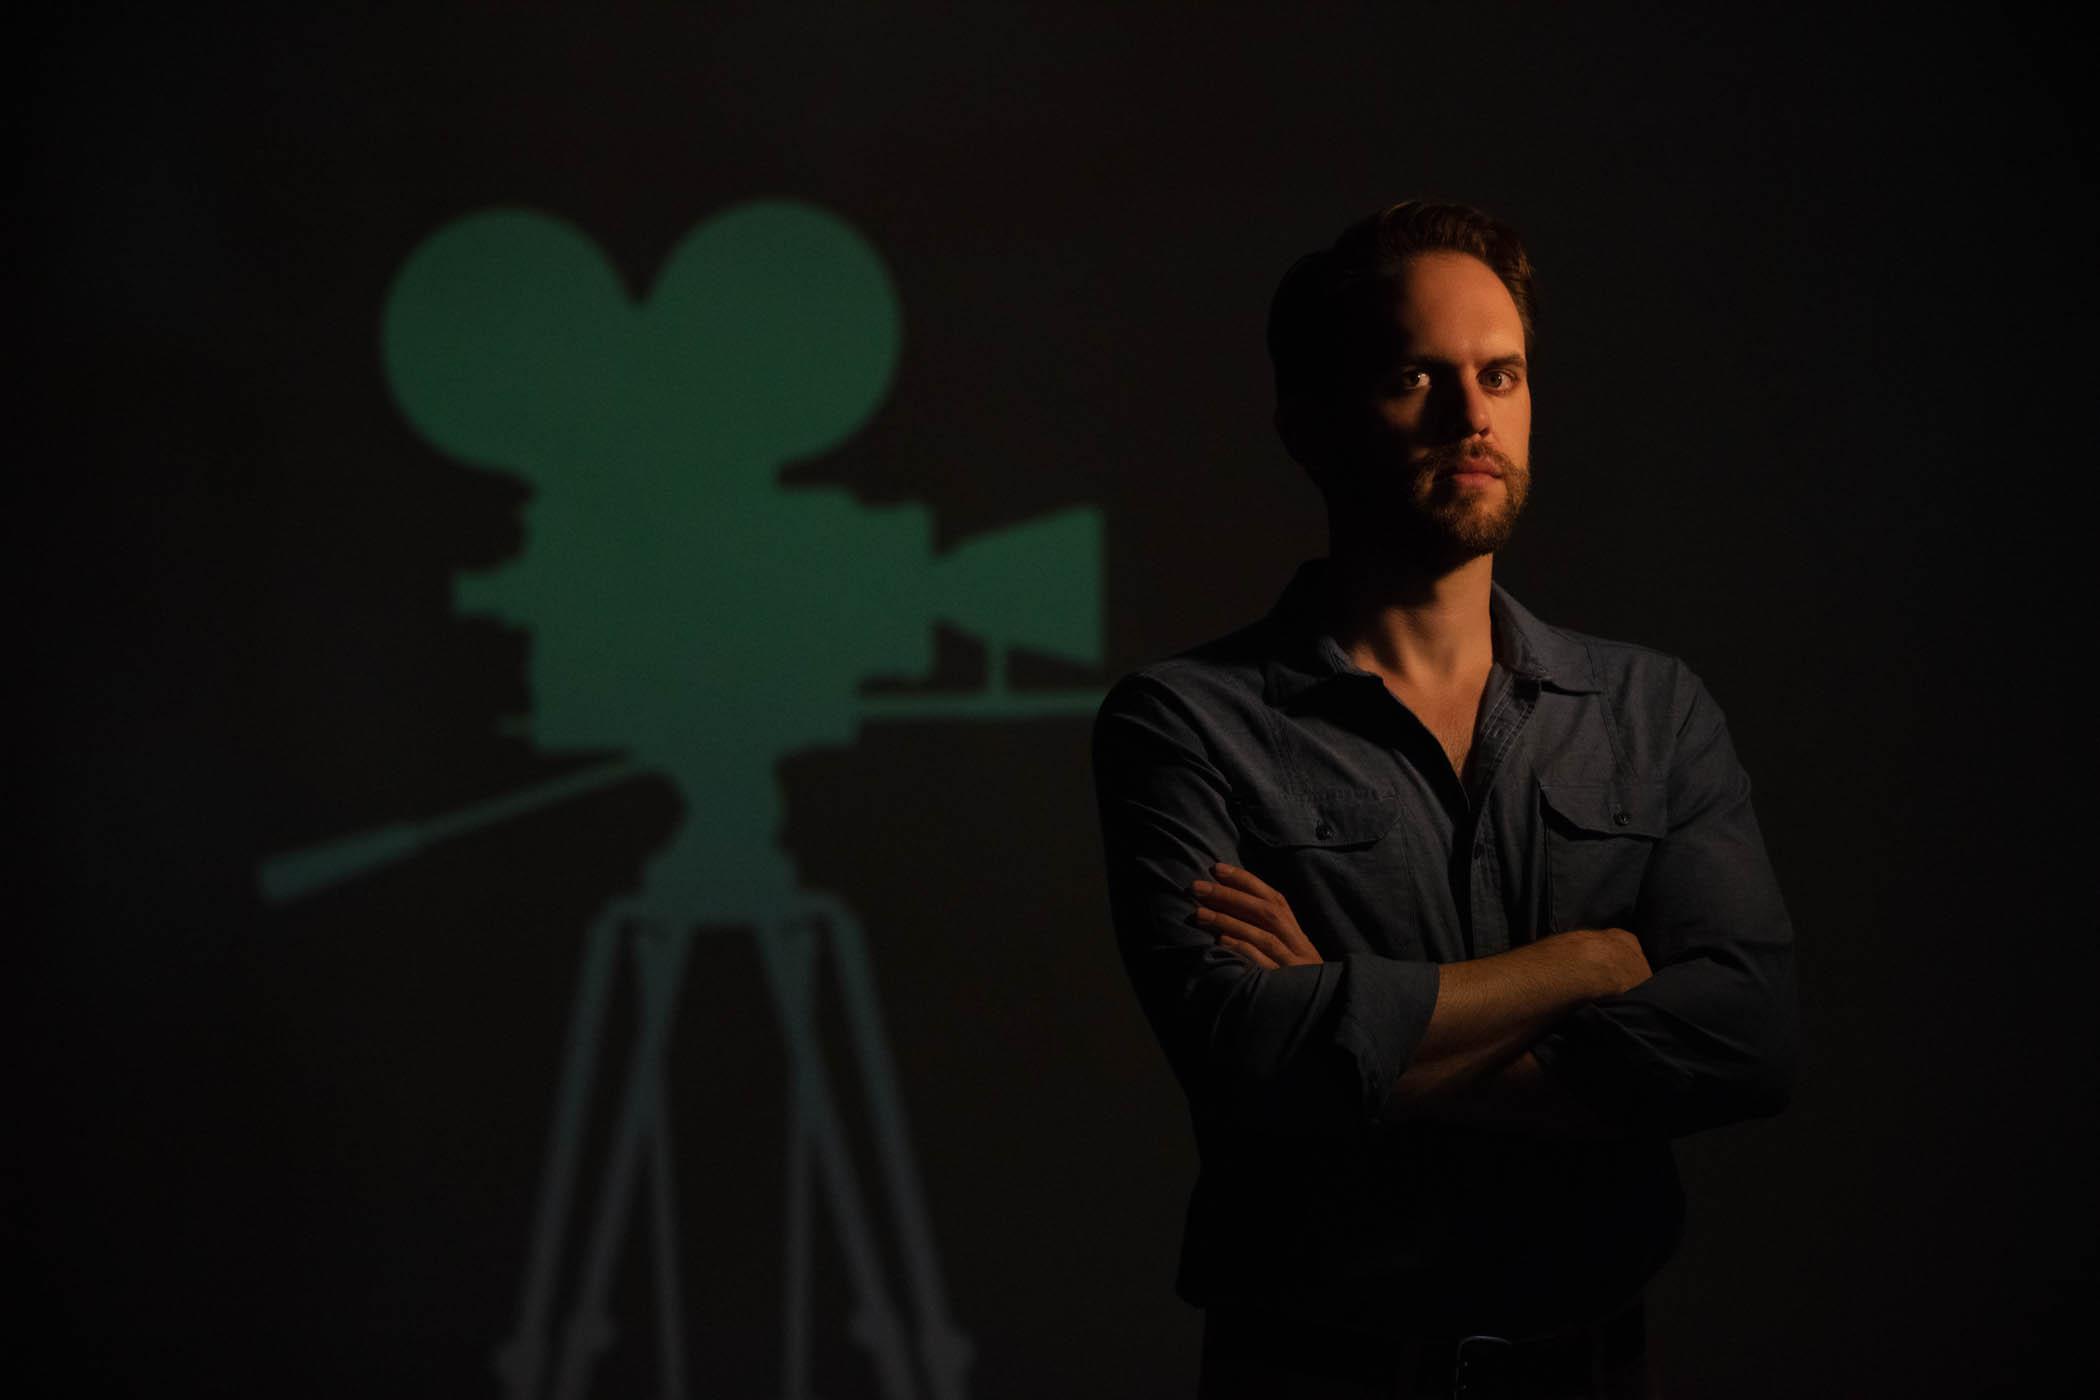 fulltime filmmaker